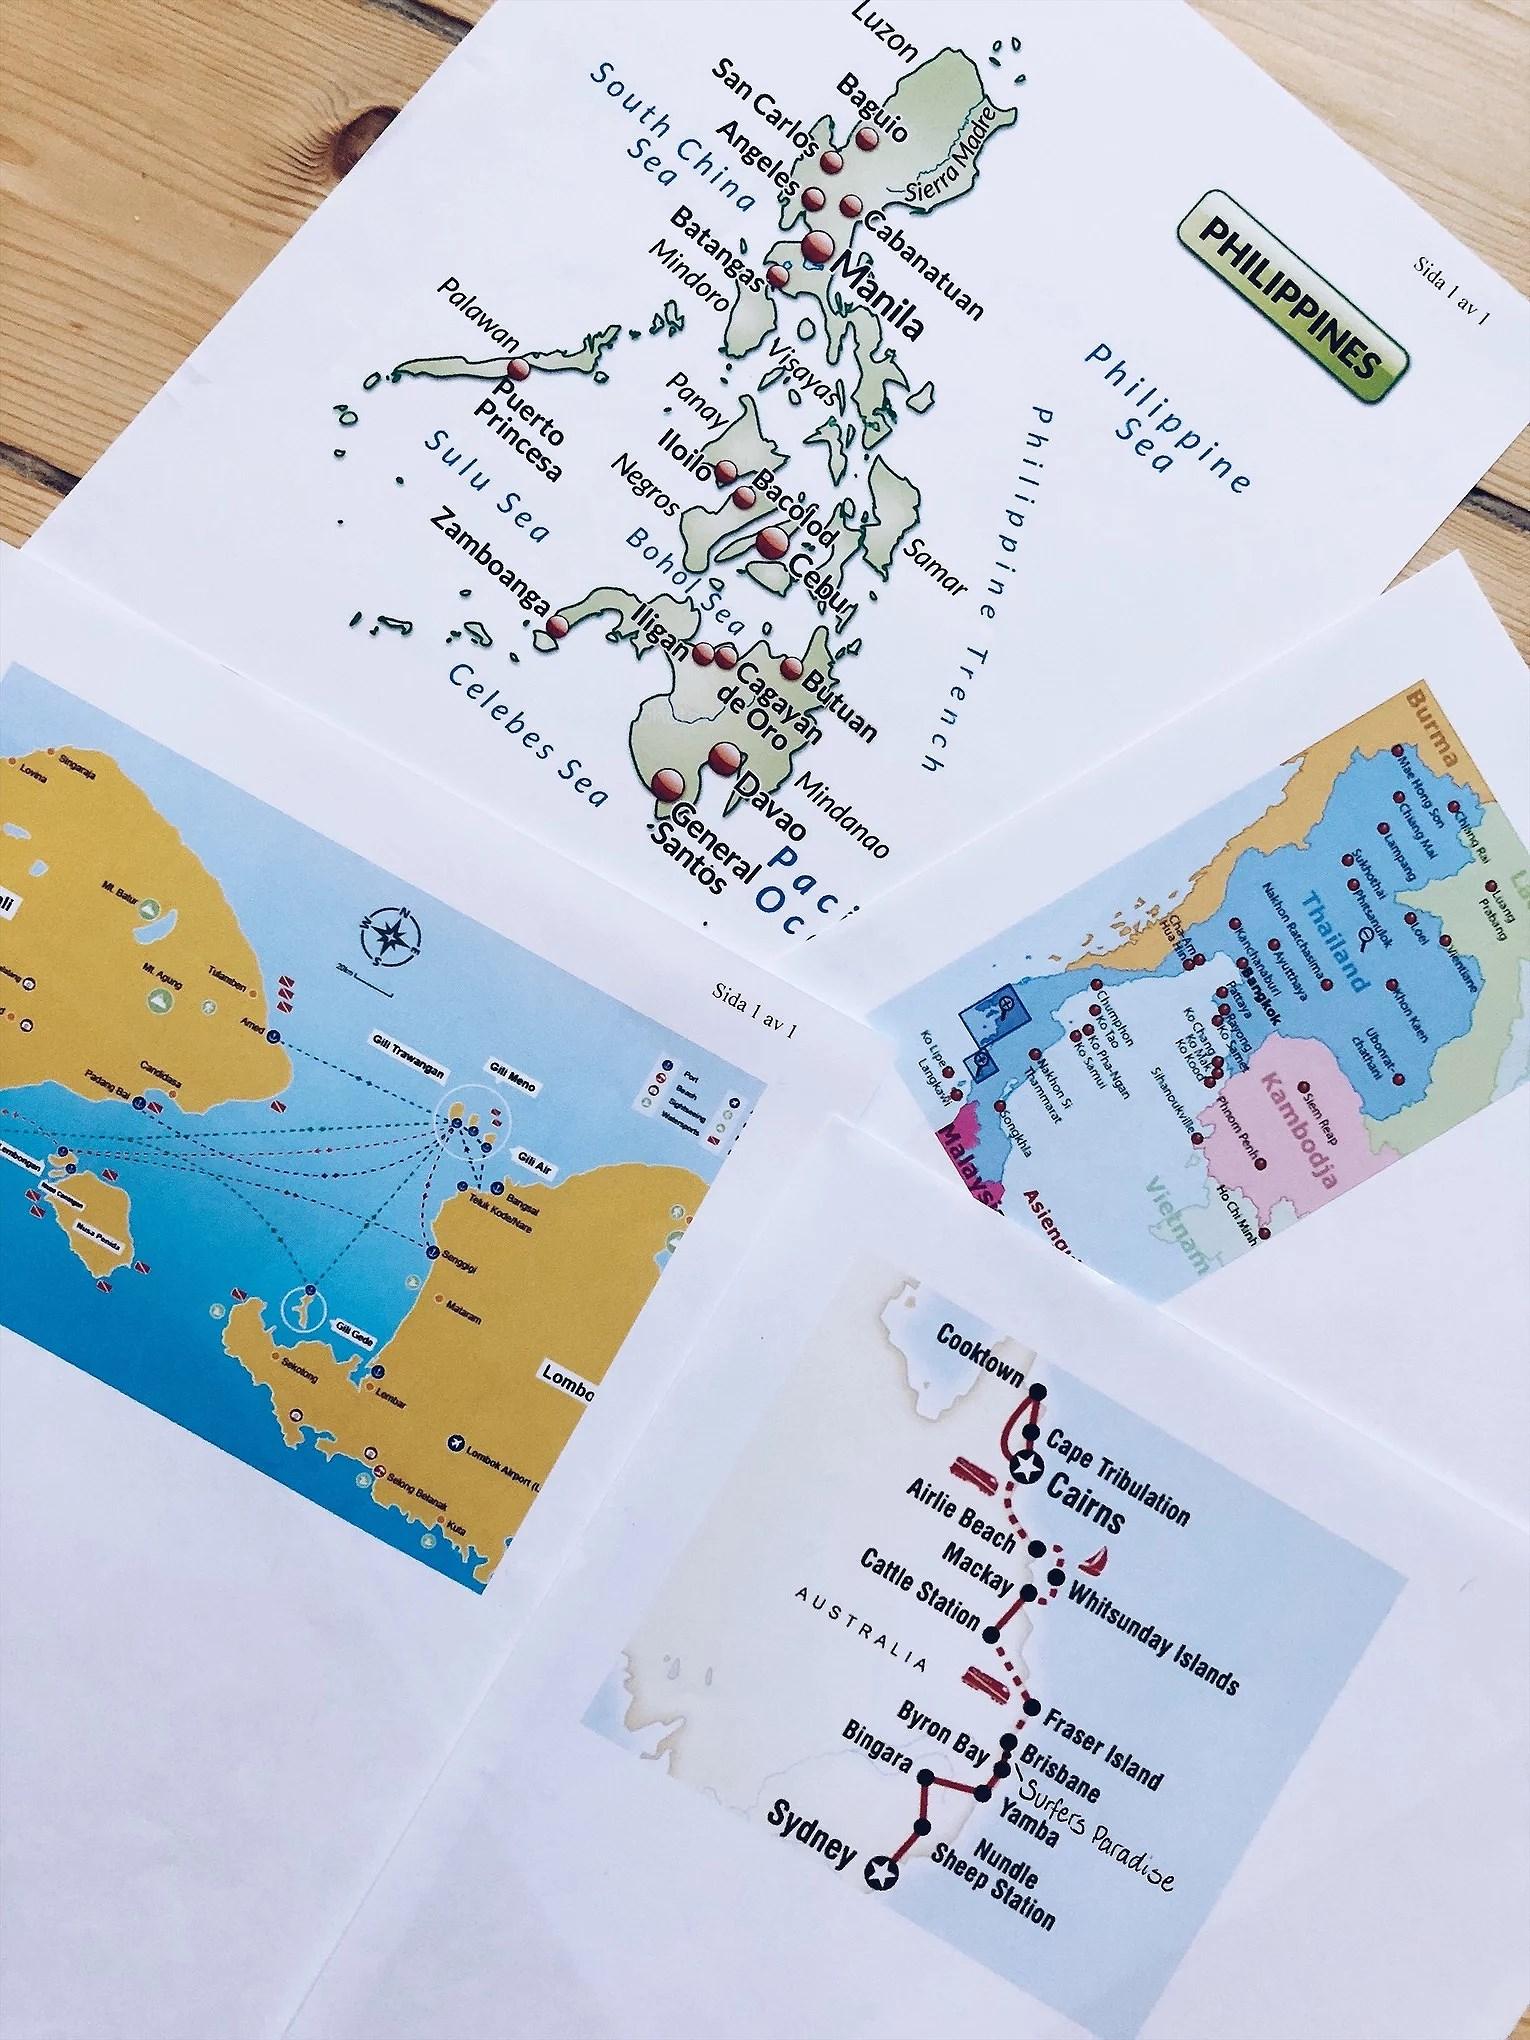 Resrutt för Asien och Australien